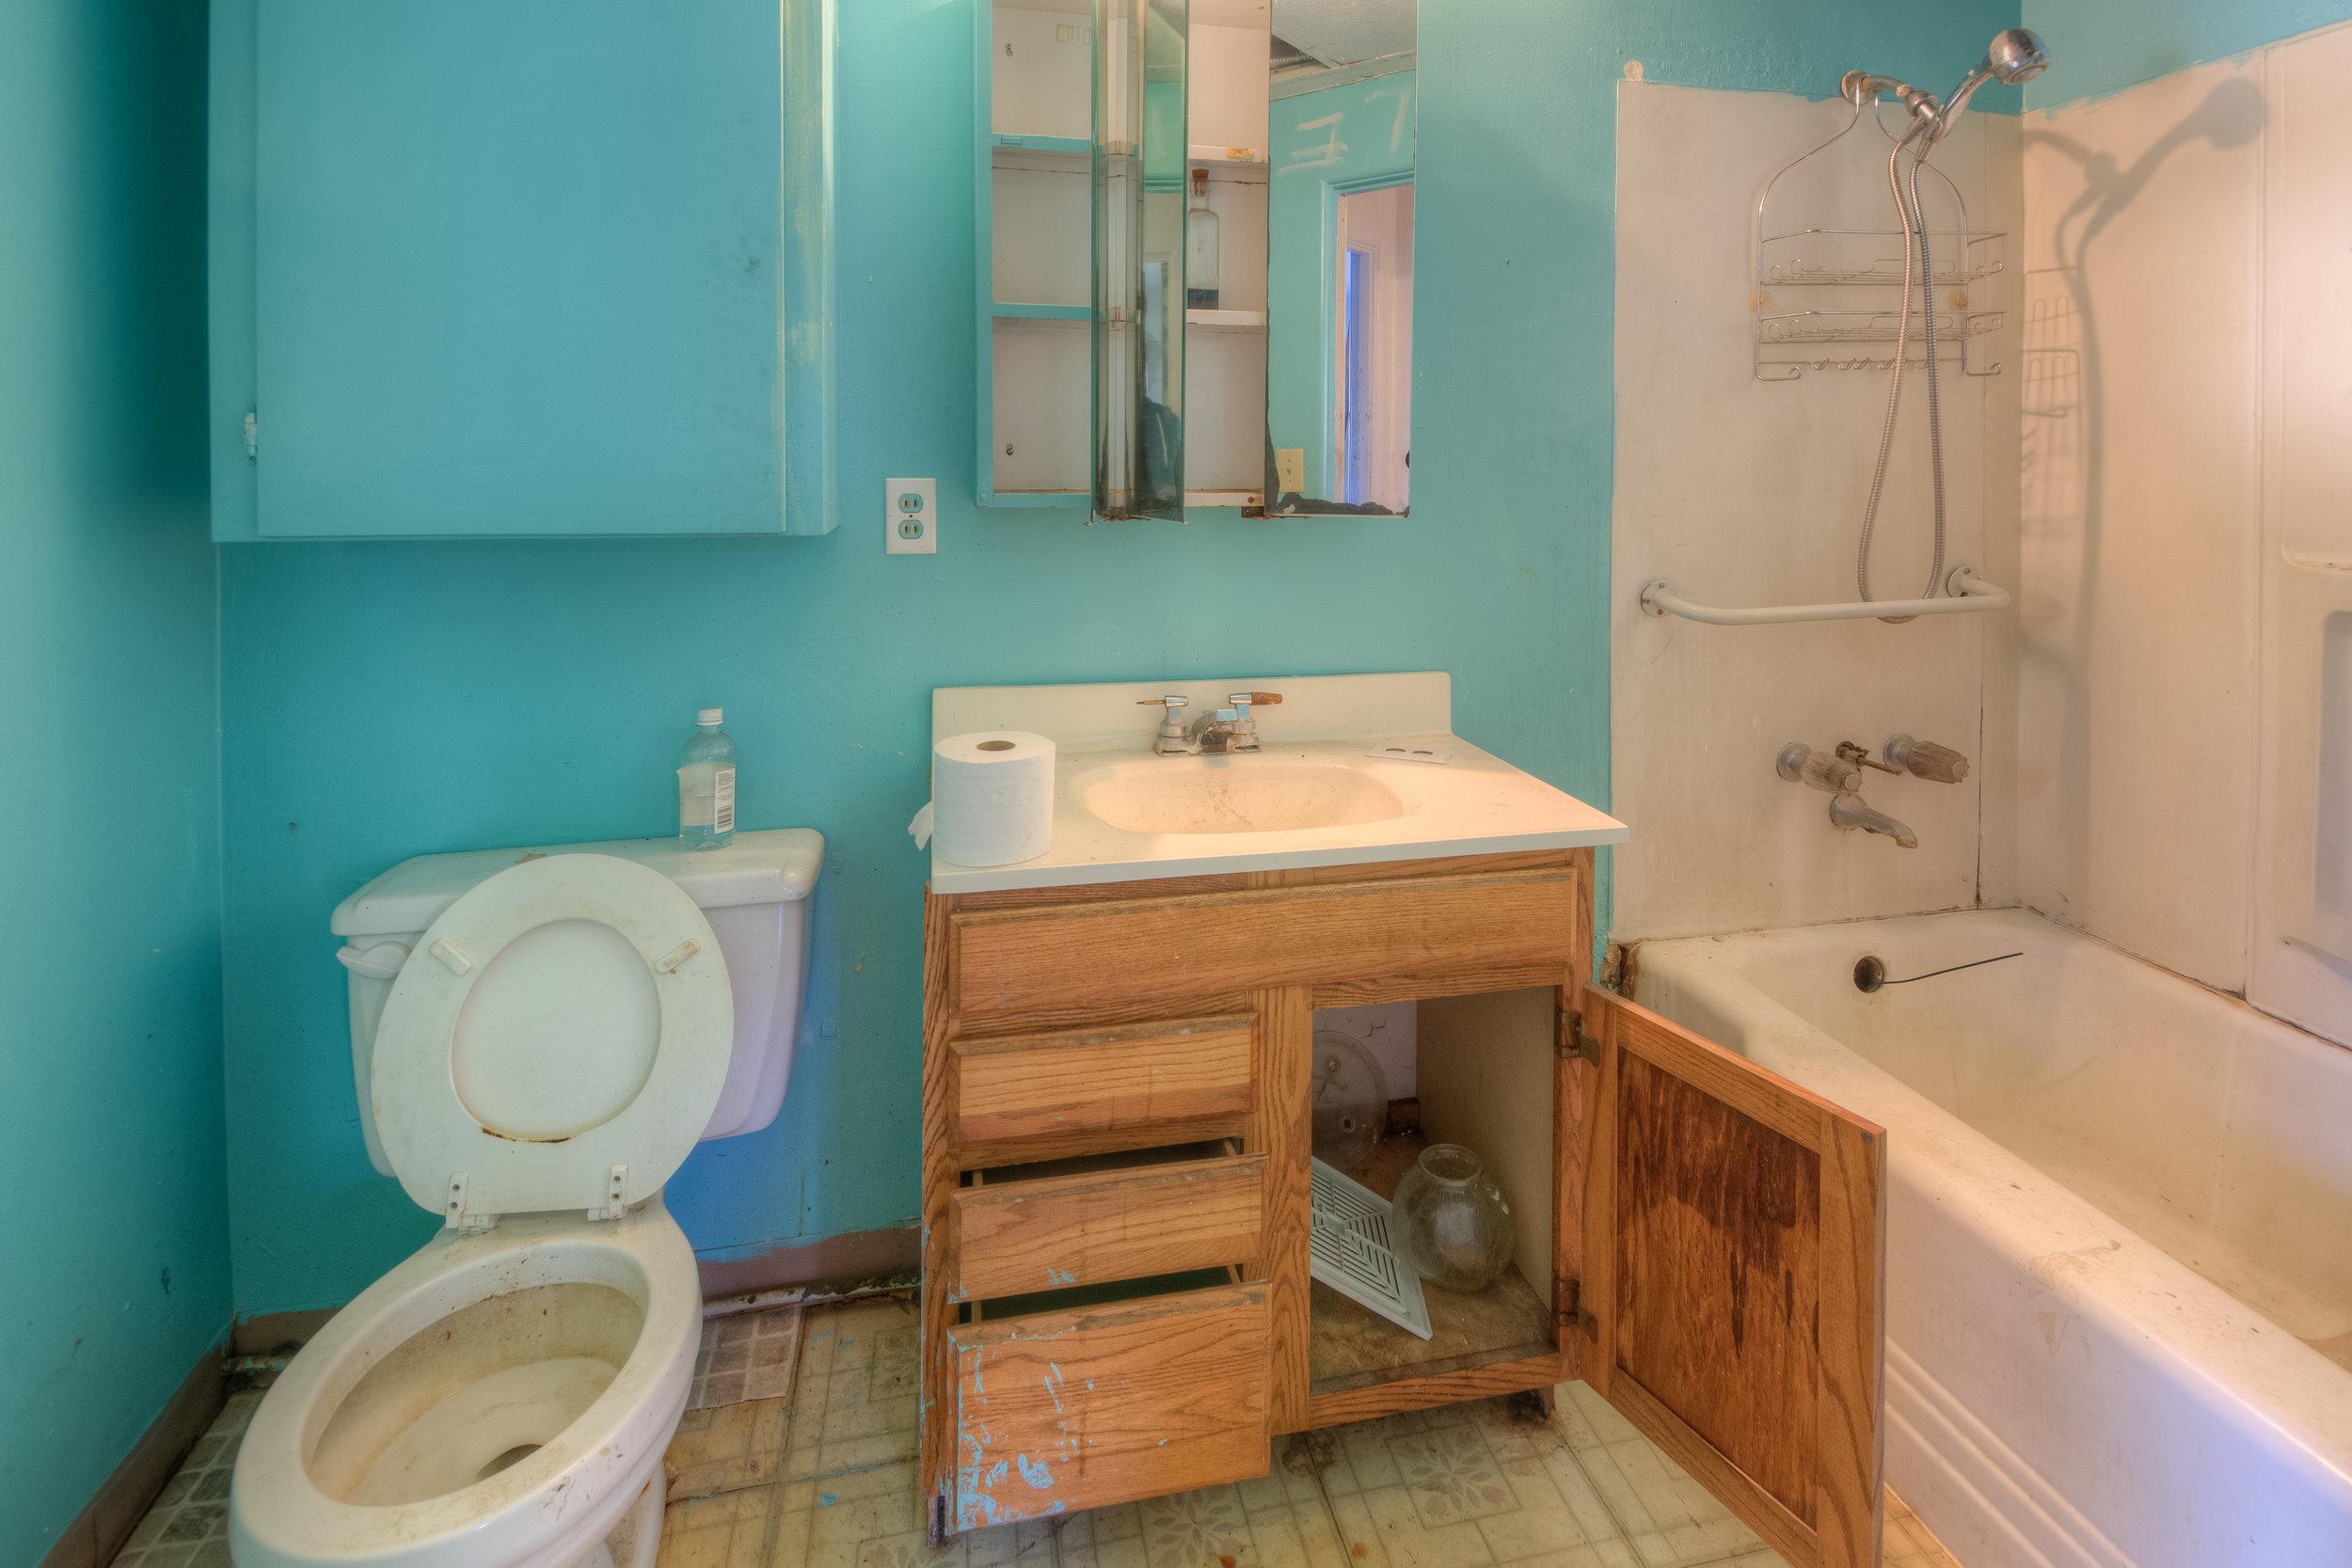 920 Neal Dow Ave 011 Bathroom 1.jpg